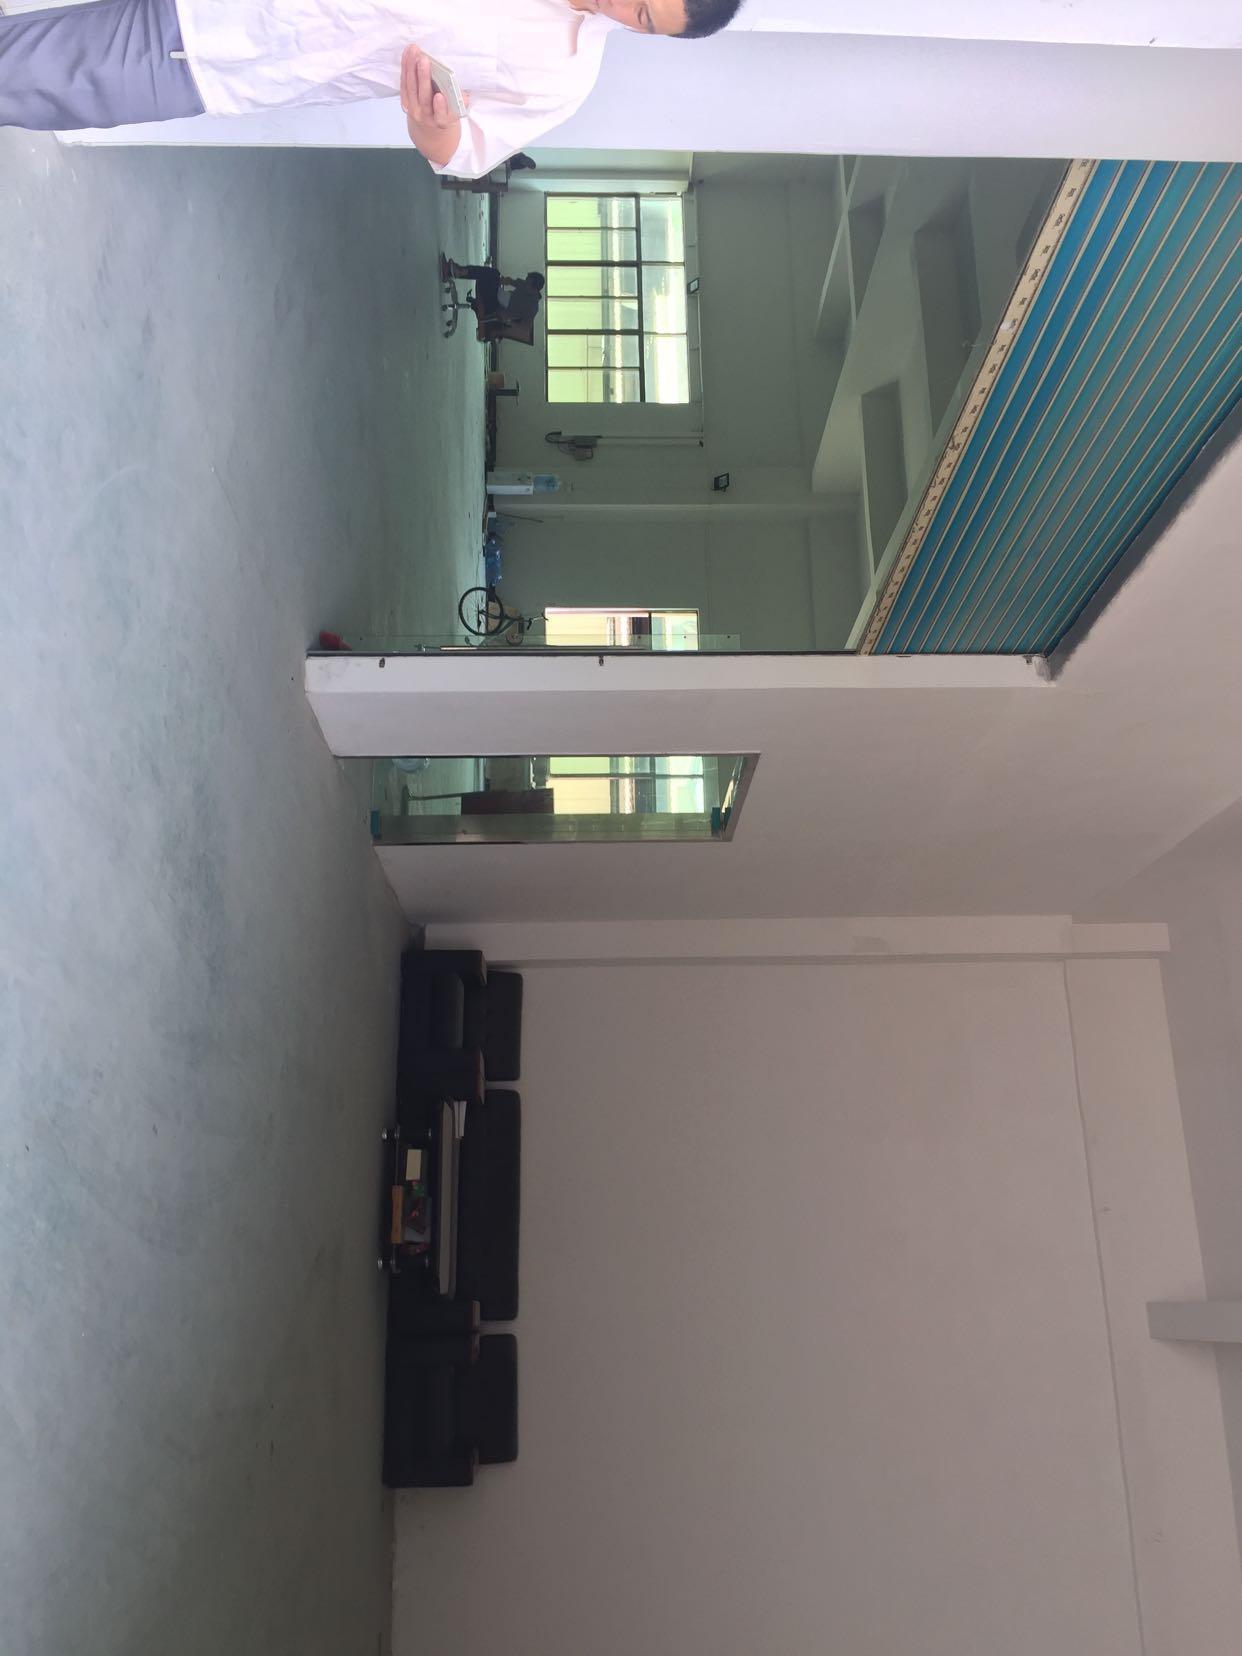 大朗佛新前一秒新出标准厂房分租1⃣️楼600平米水电齐全有办公室-图7